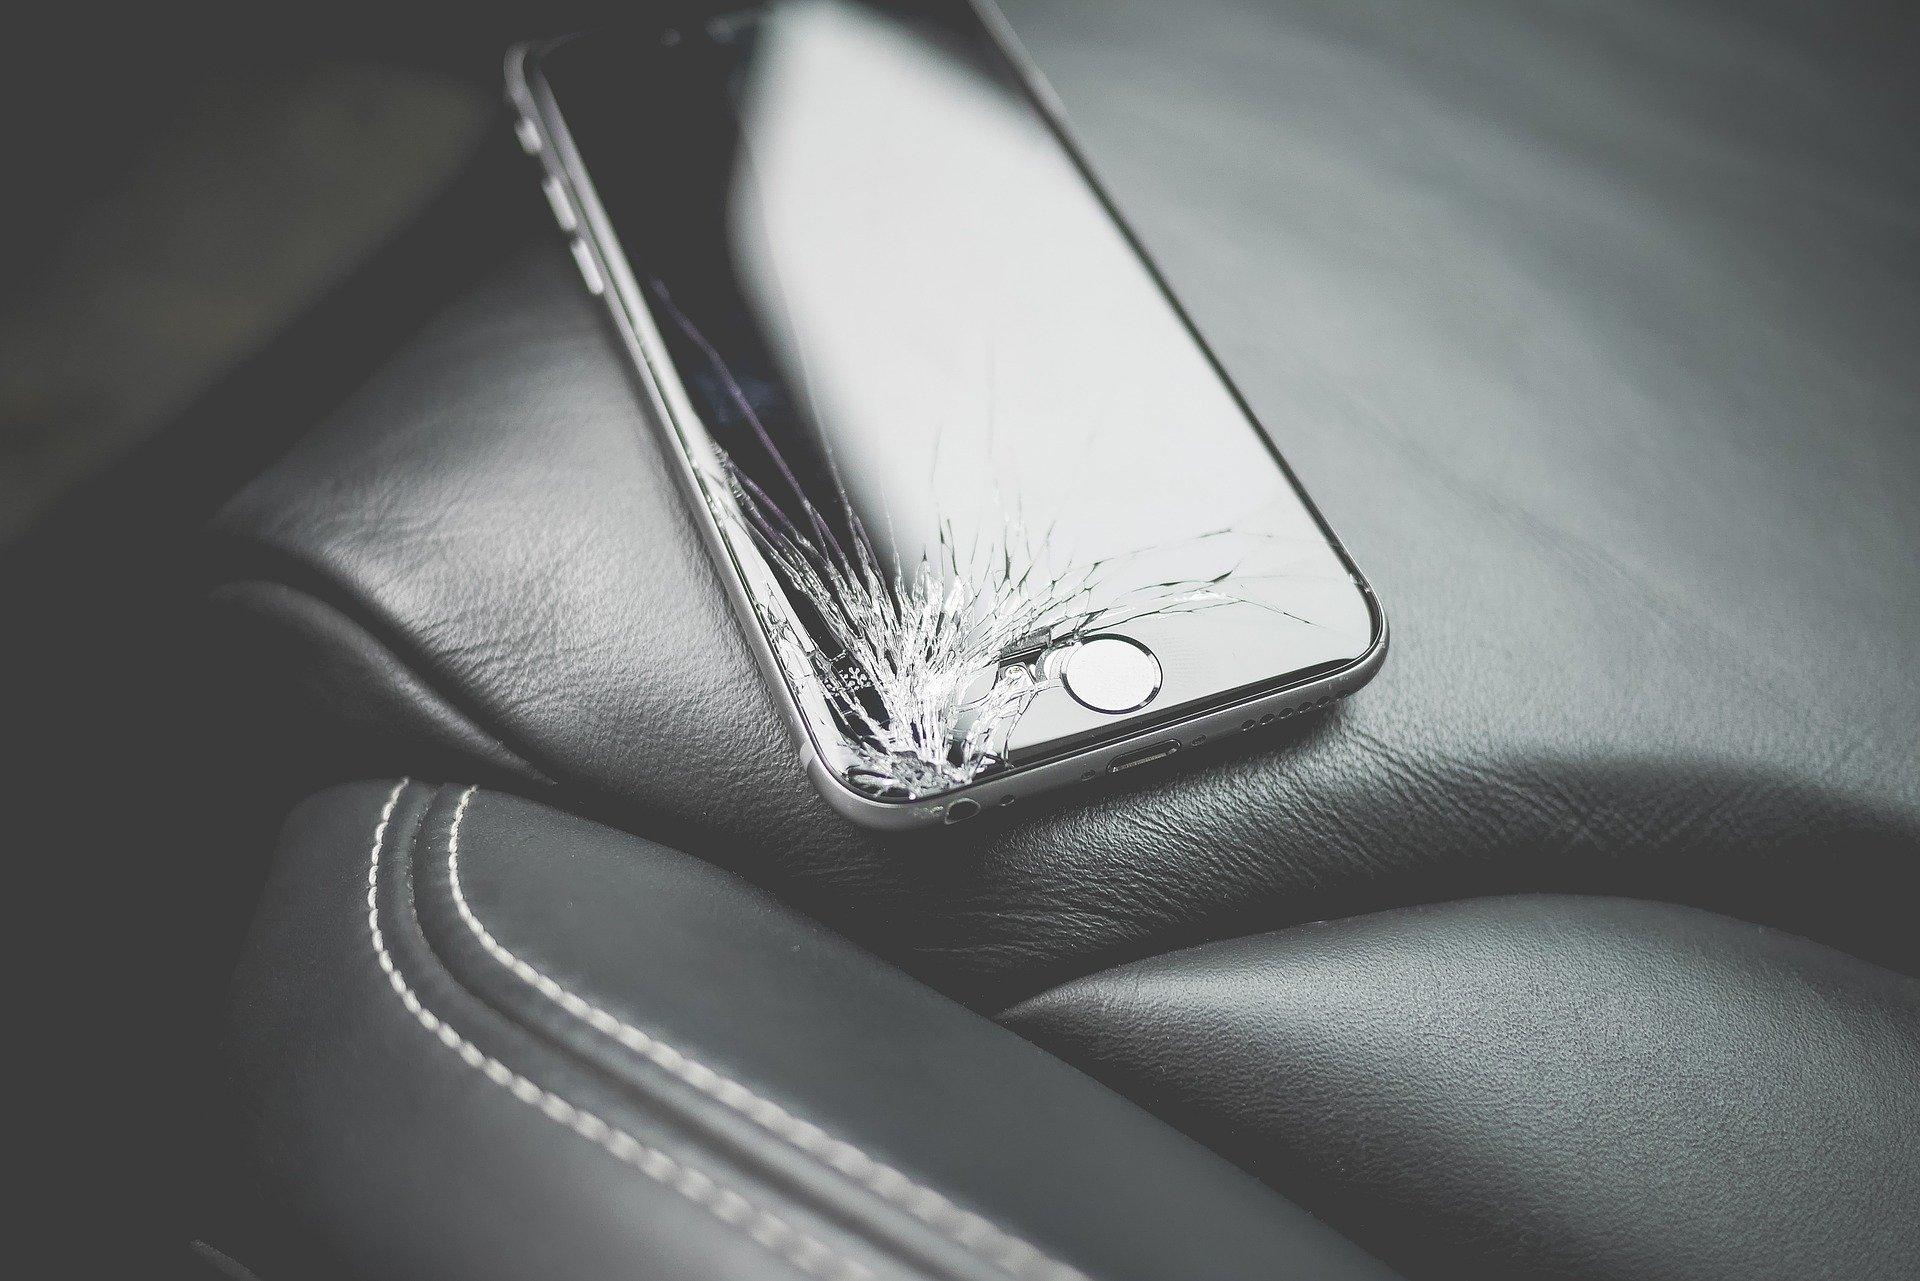 Malware na iPhonie? Owszem, w App Store znaleziono 17 złośliwych aplikacji